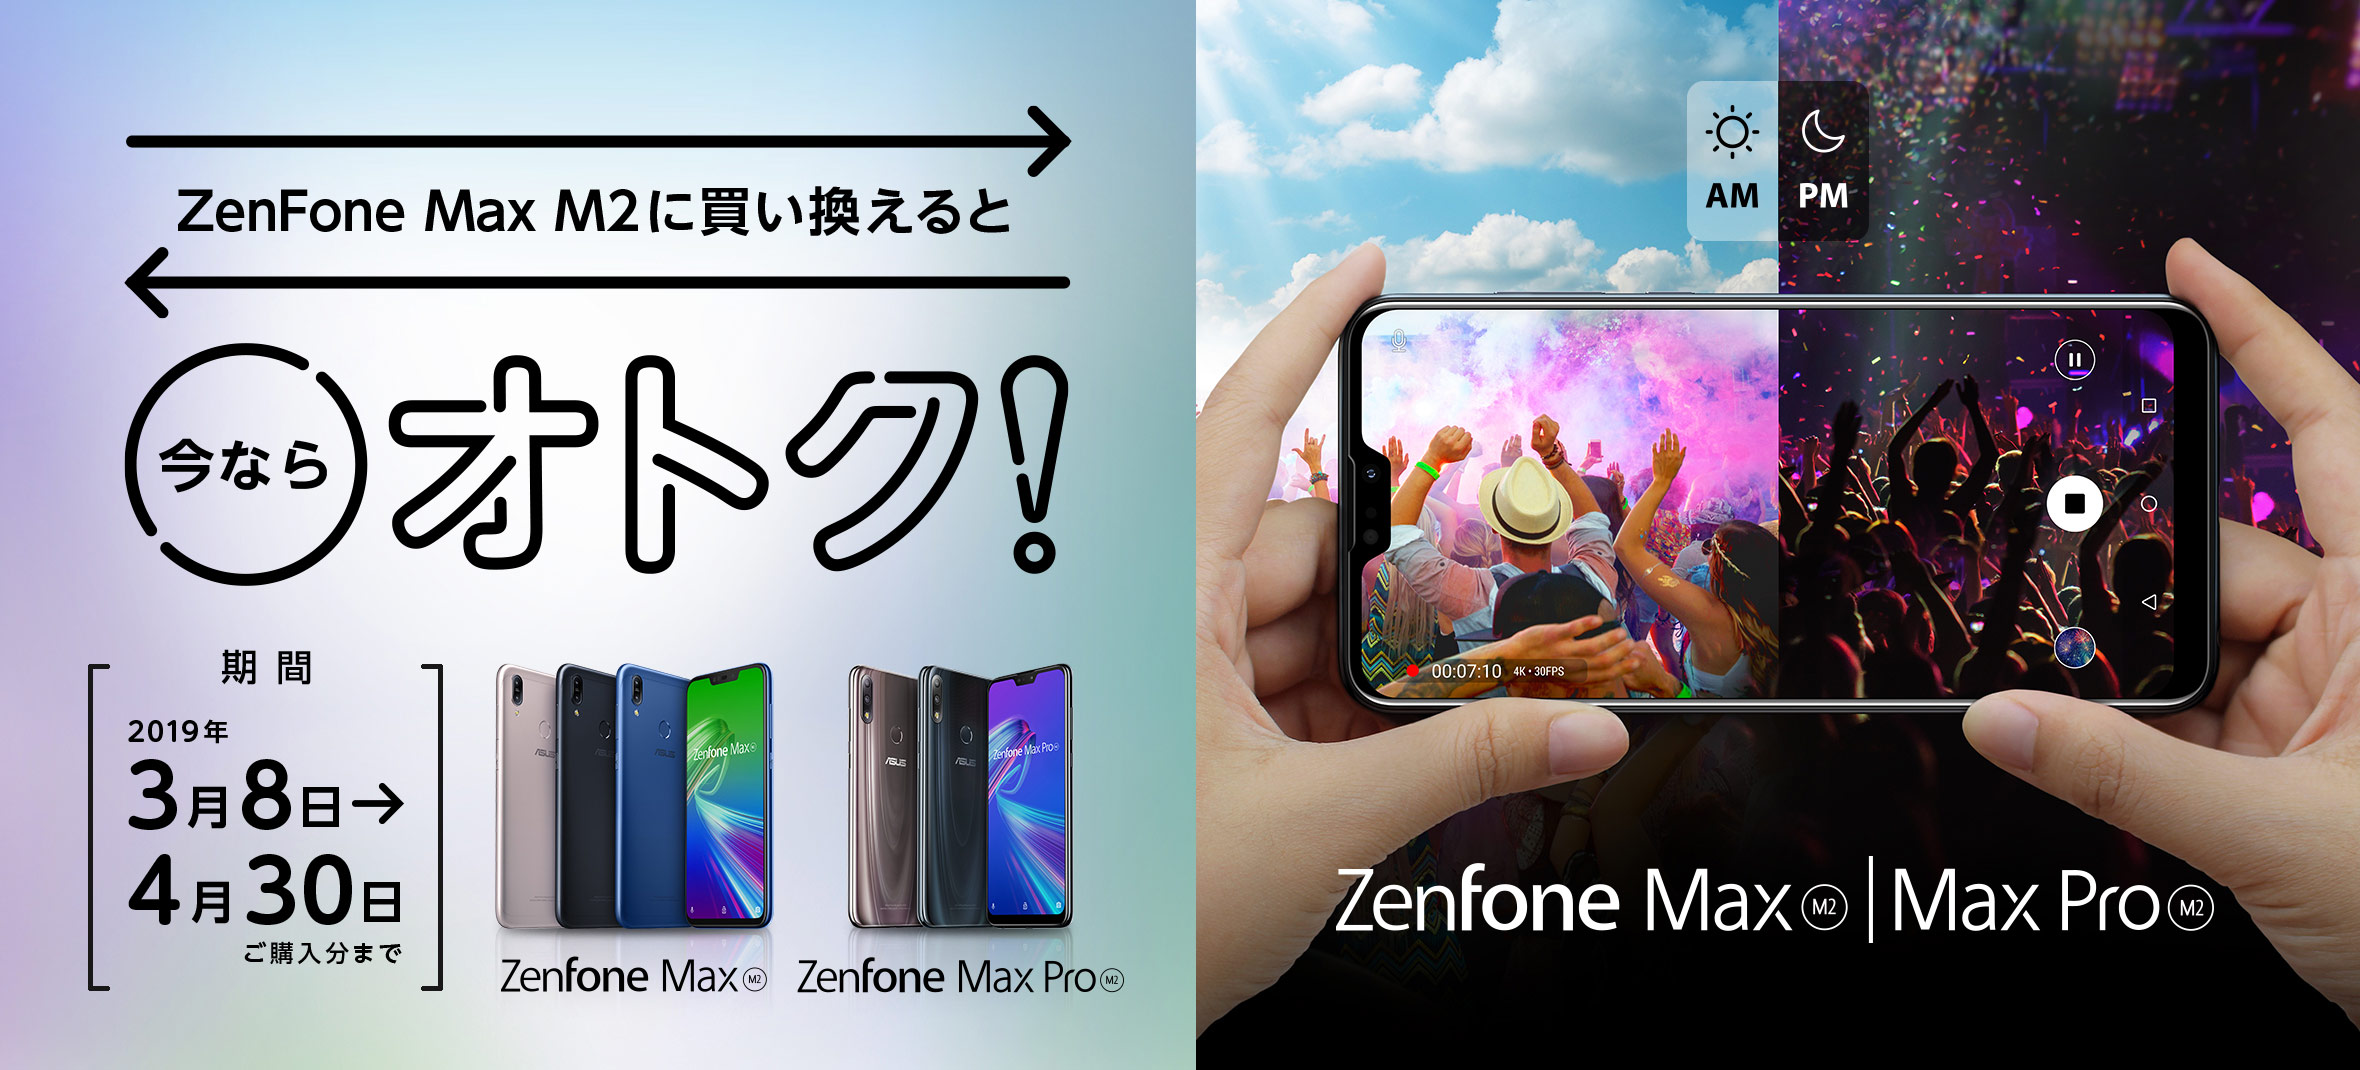 ZenFone Max M2に買い換えると今ならオトク!